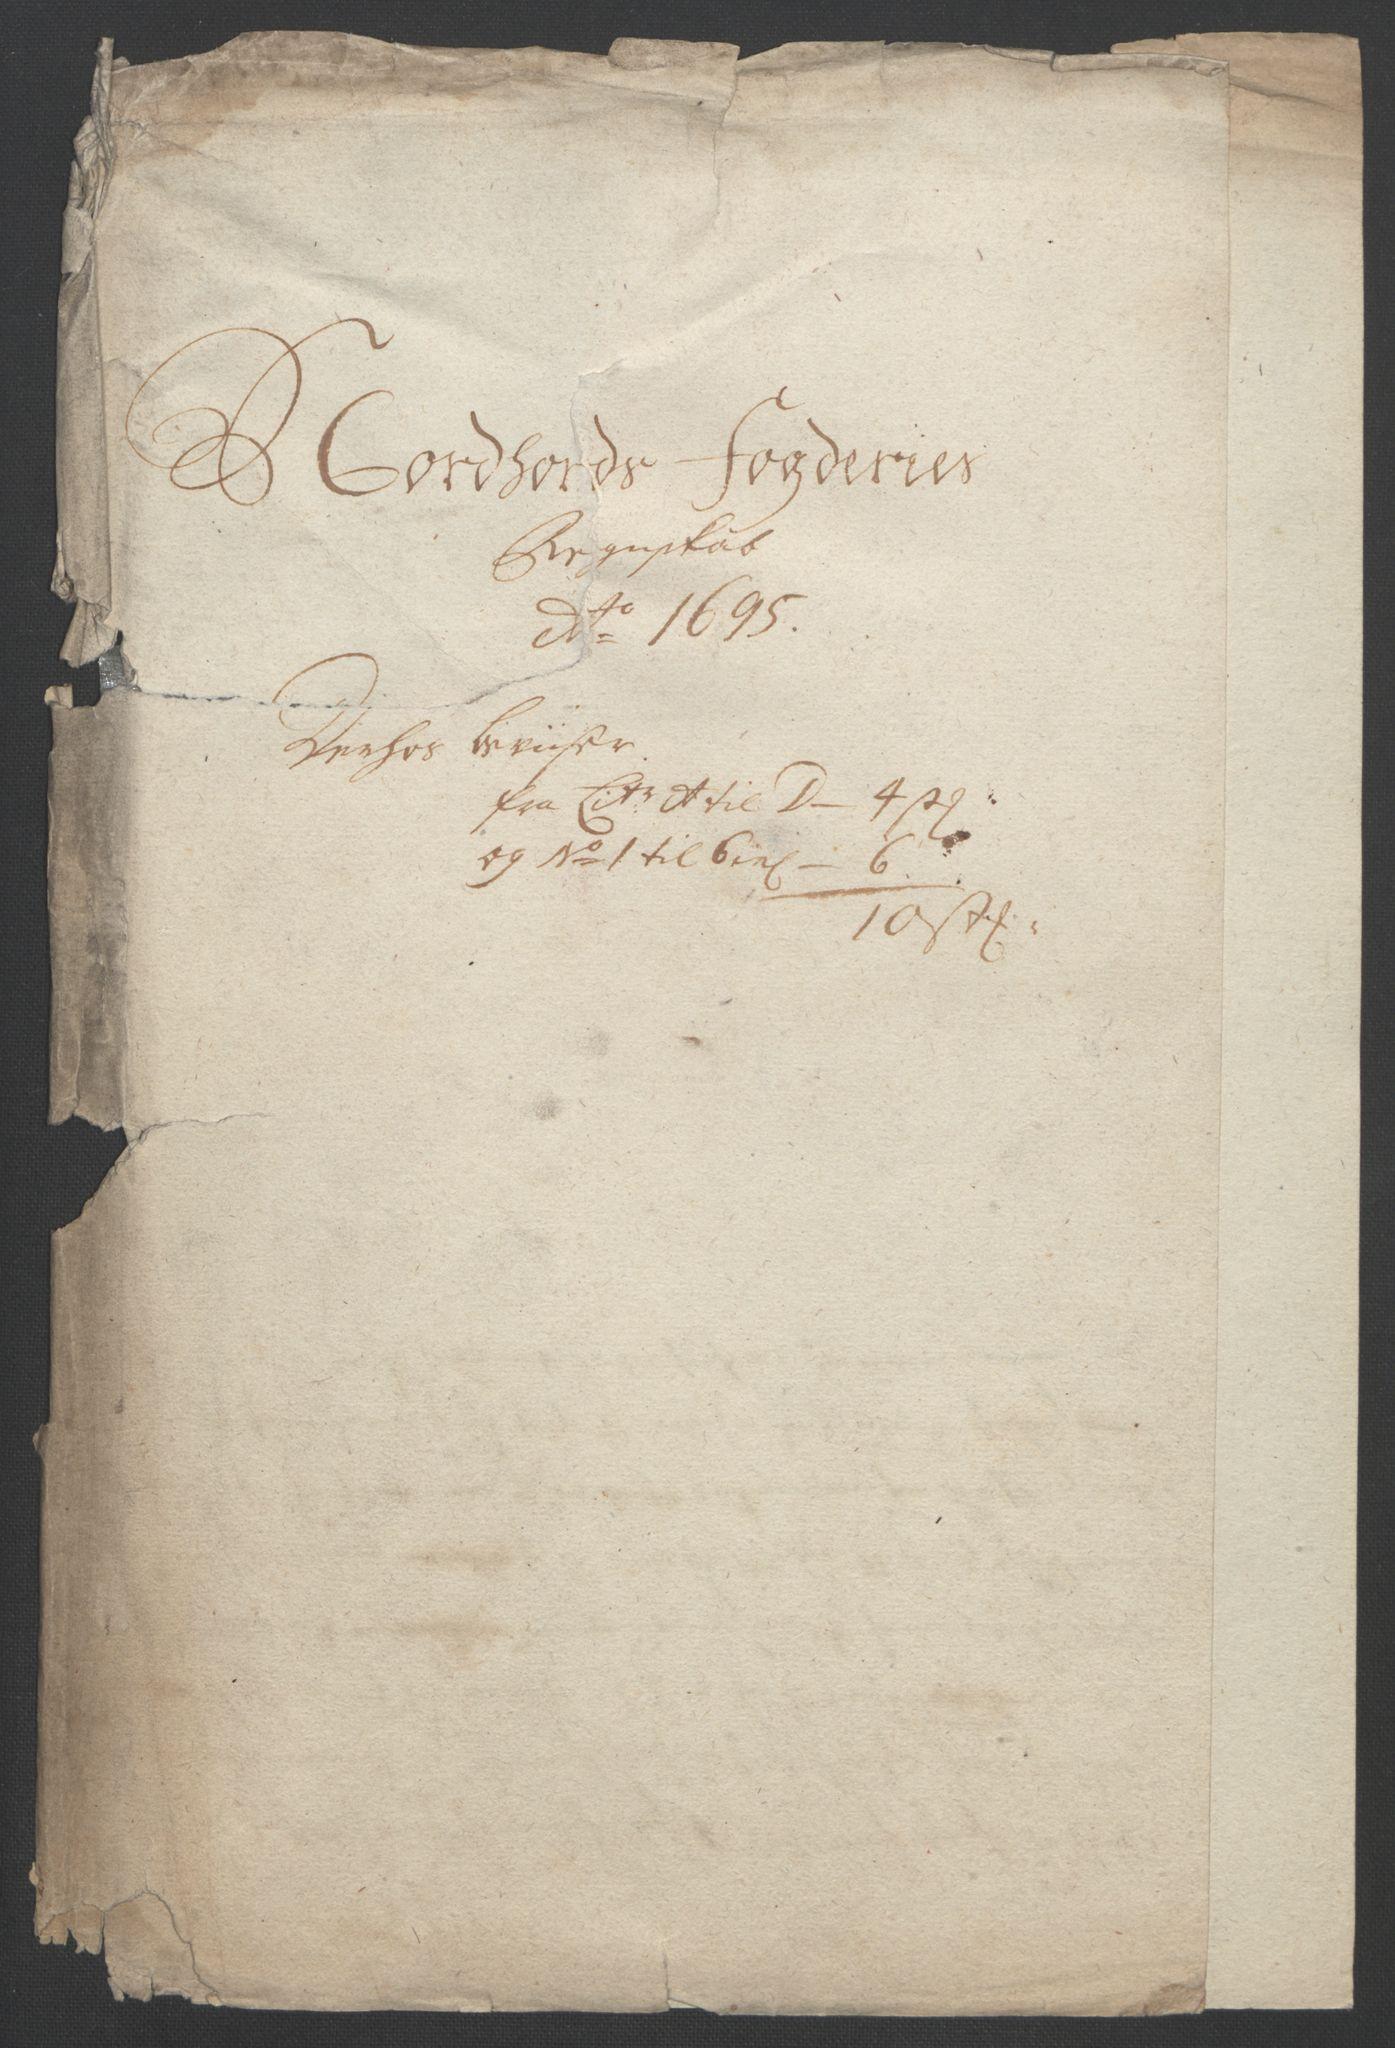 RA, Rentekammeret inntil 1814, Reviderte regnskaper, Fogderegnskap, R51/L3183: Fogderegnskap Nordhordland og Voss, 1695-1697, s. 114